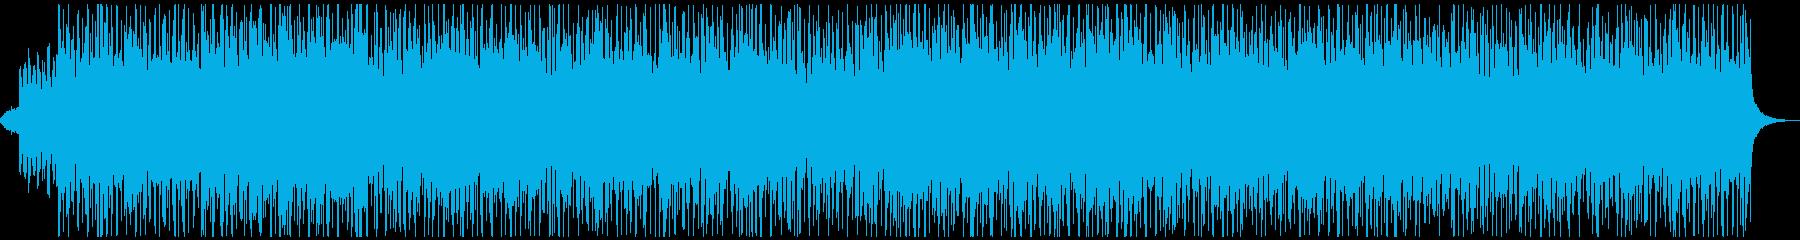 ジャジーなピアノとシンセのスイングの再生済みの波形